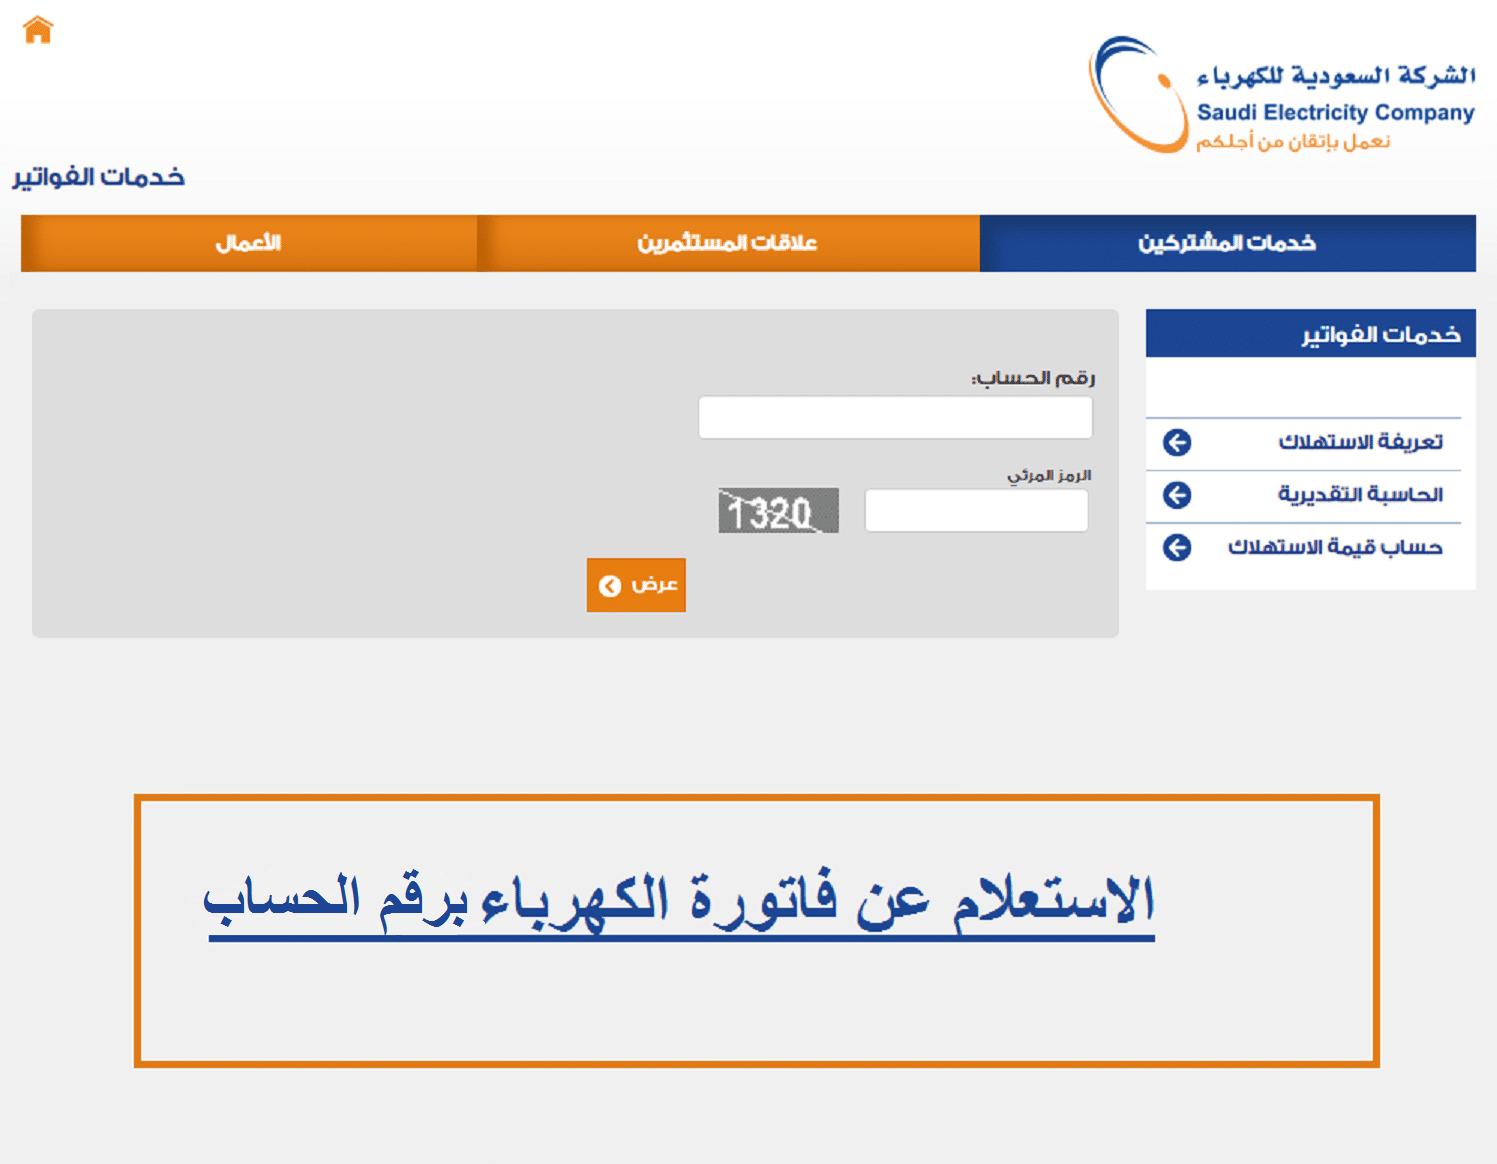 اطلب فاتورة الكهرباء برقم السجل المدني في السعودية 2021